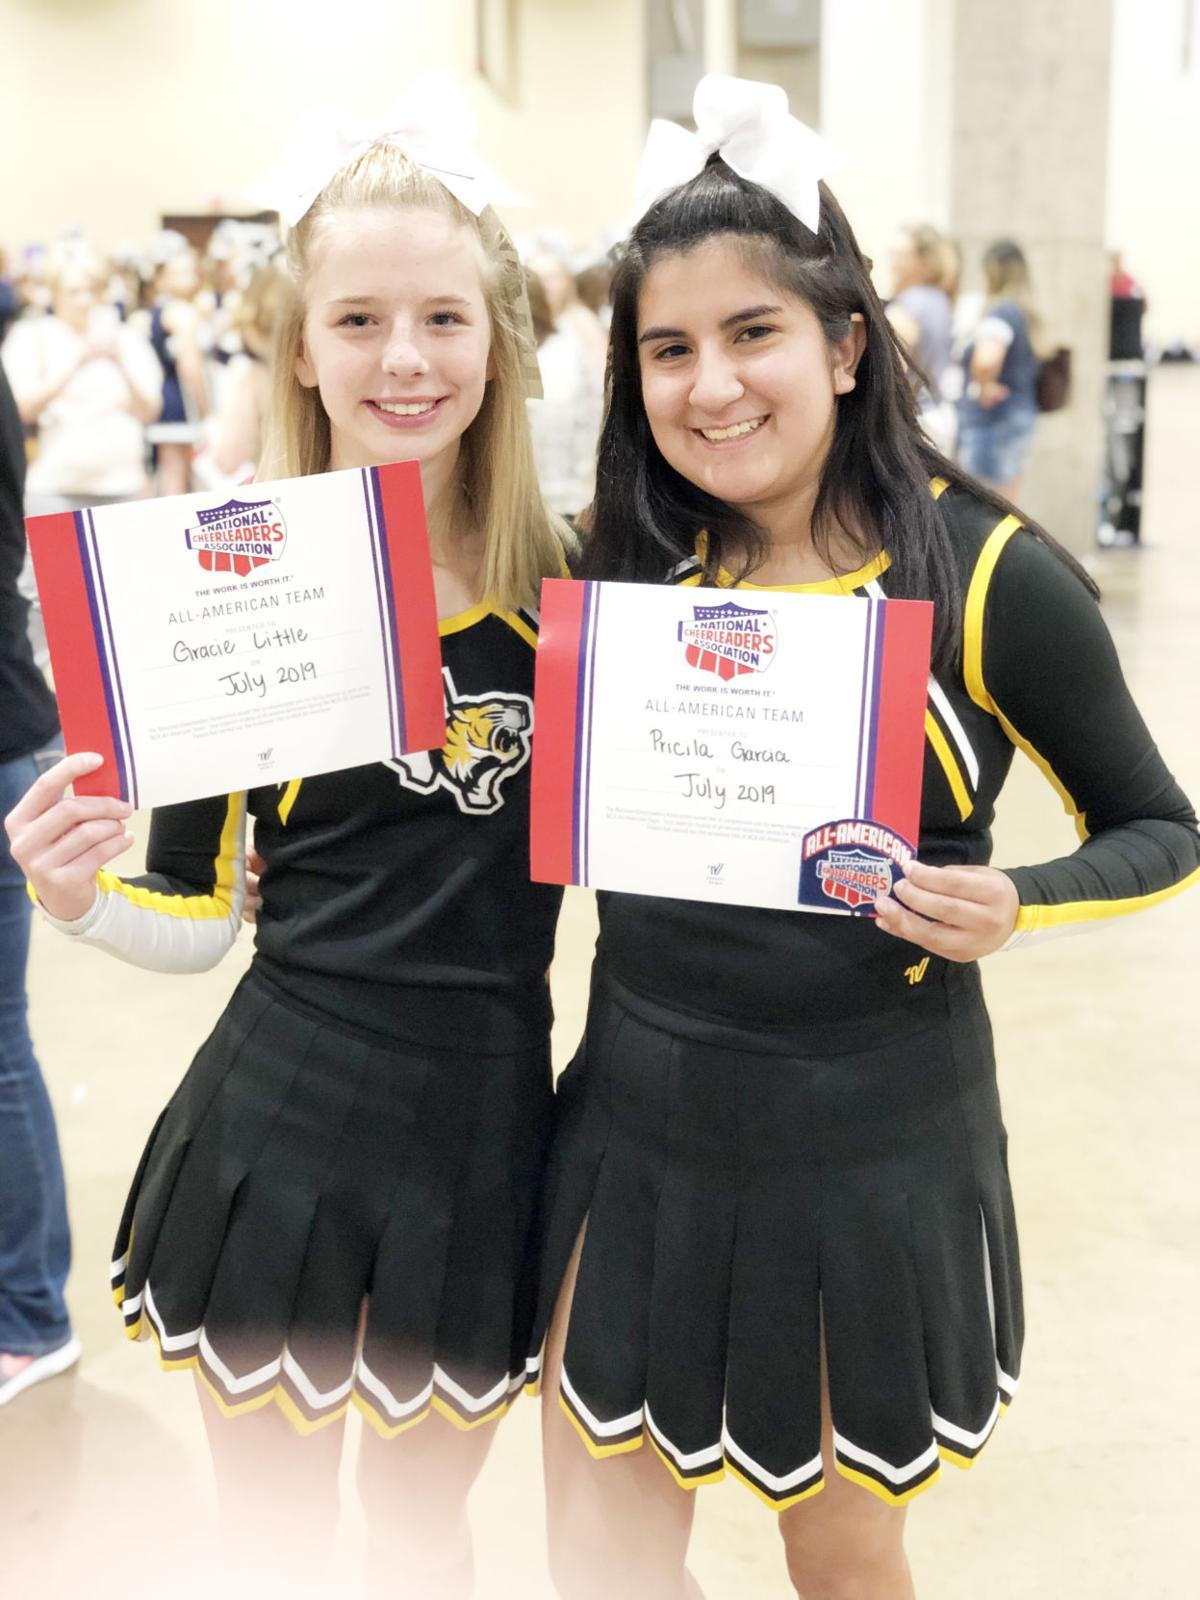 Gracie Little and Pricilla Garcia